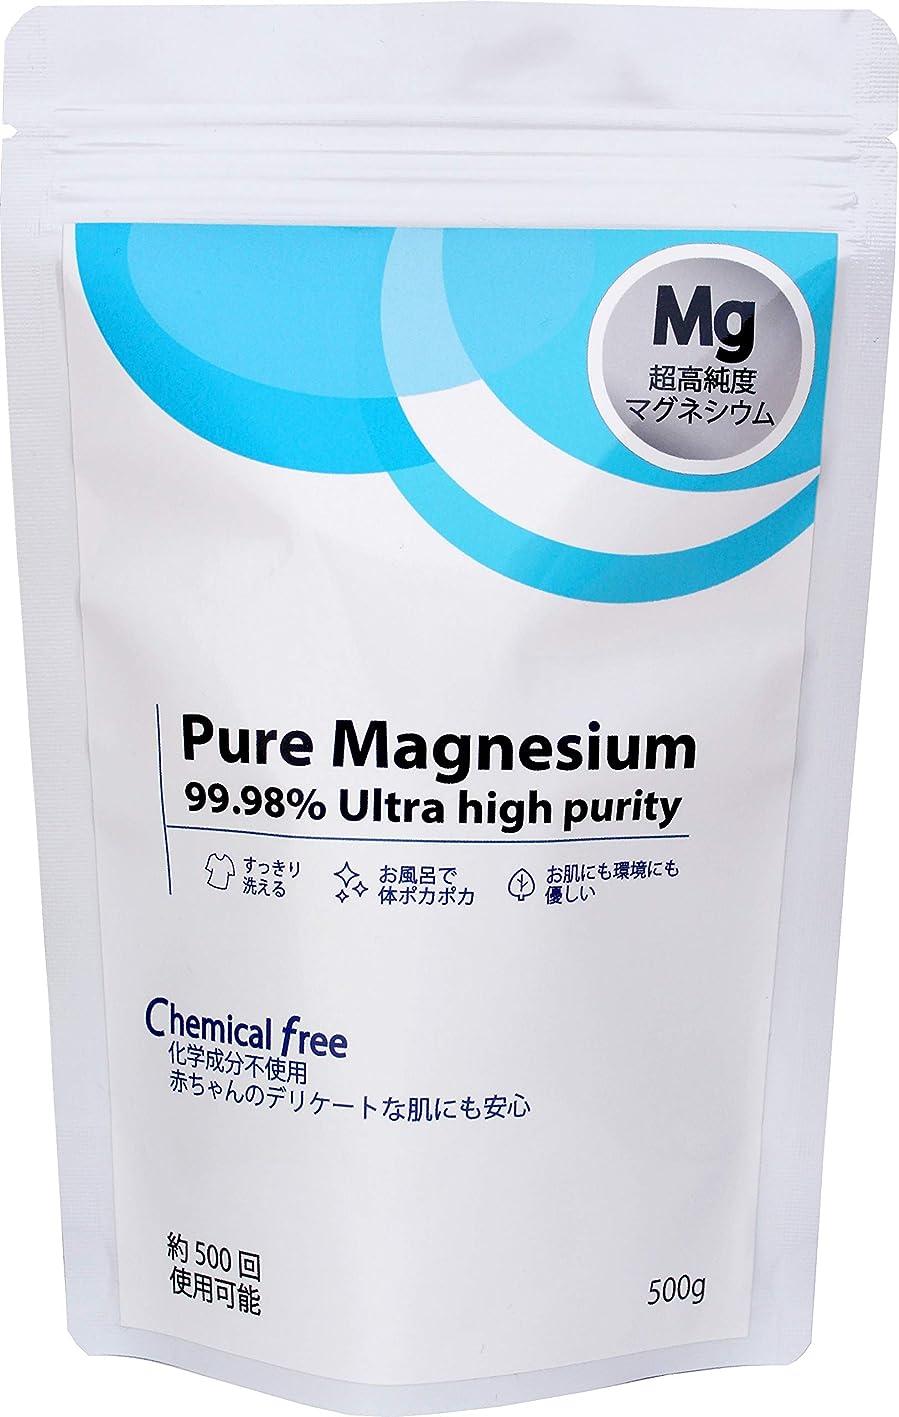 原子裁定ツインピュアマグ 純マグネシウム 粒 500g 超高純度 99.98% 化学成分フリー 直径6mm